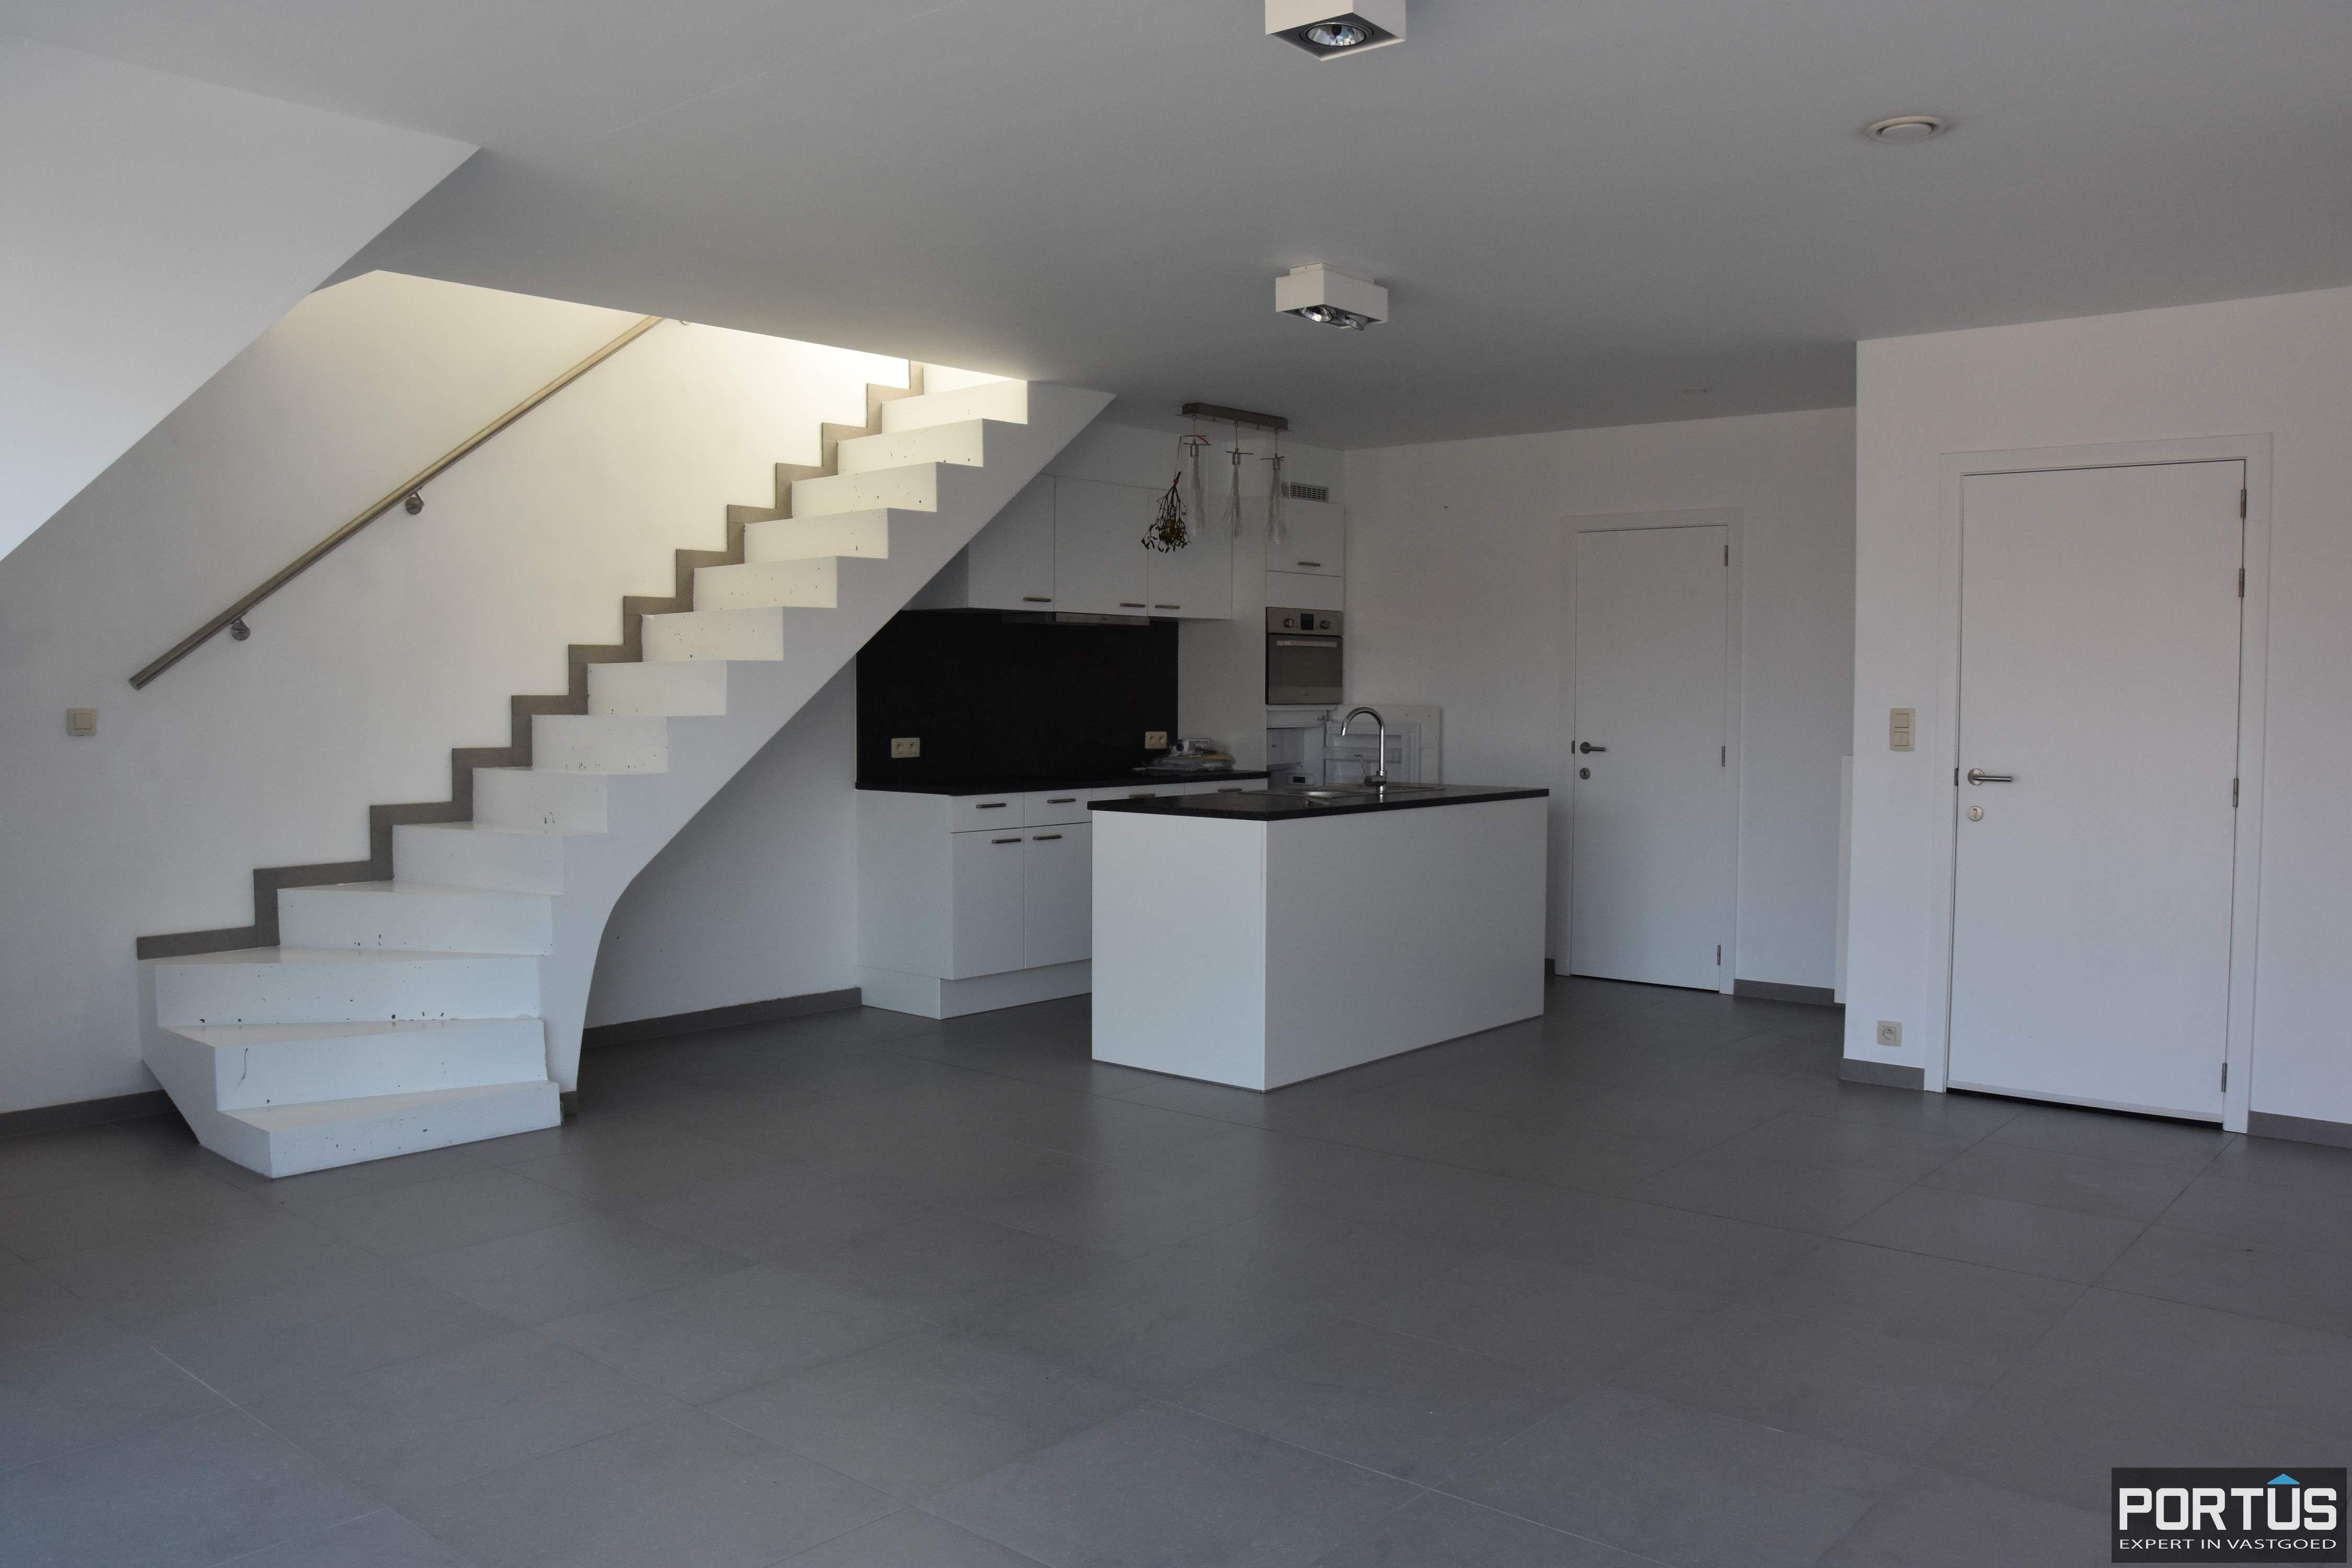 Recent appartement te huur met 3 slaapkamers, kelderberging en parking